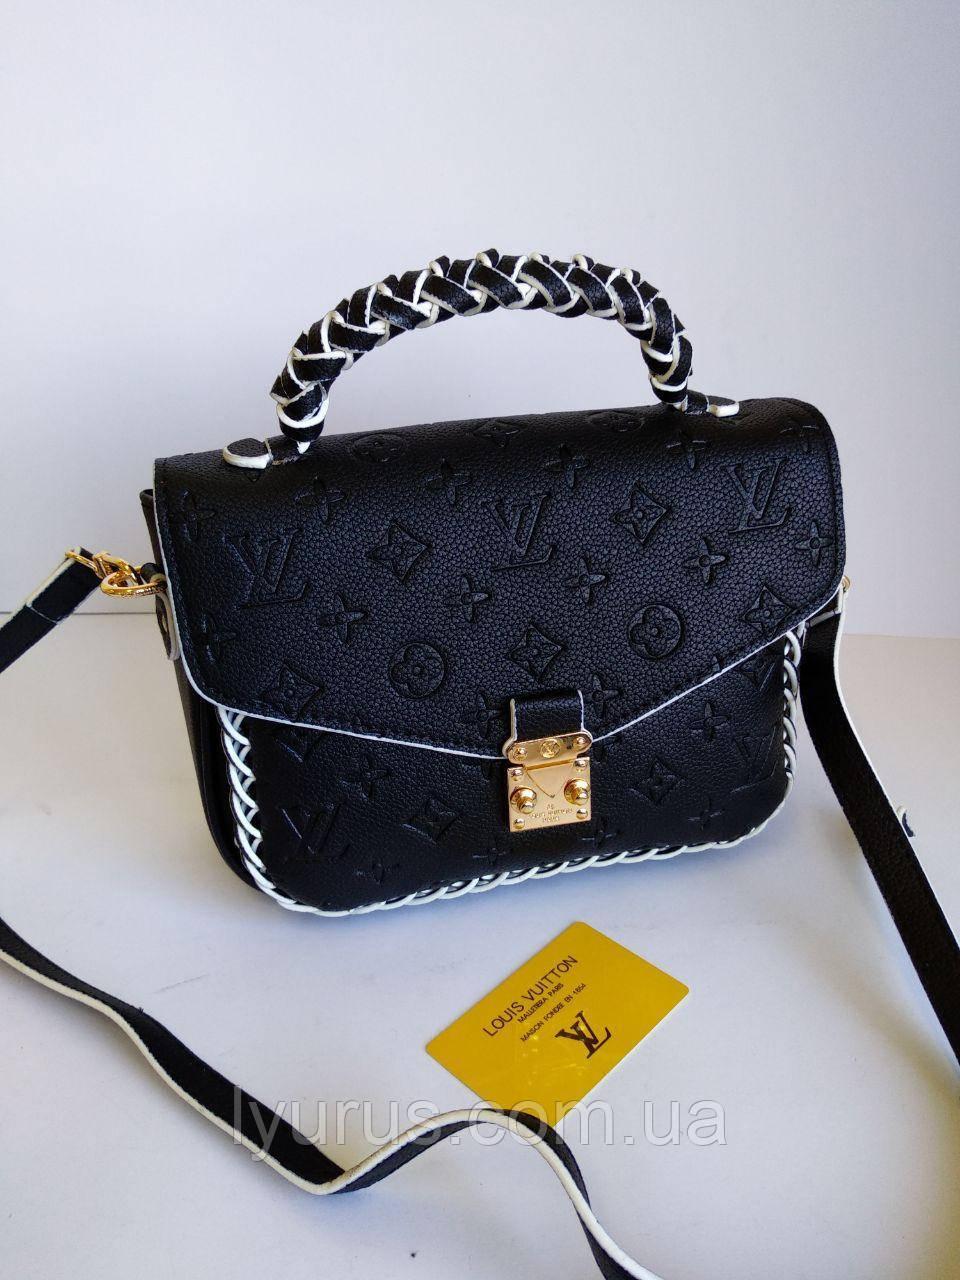 Женская сумка Louis Vuitton Metis черного цвета с декором